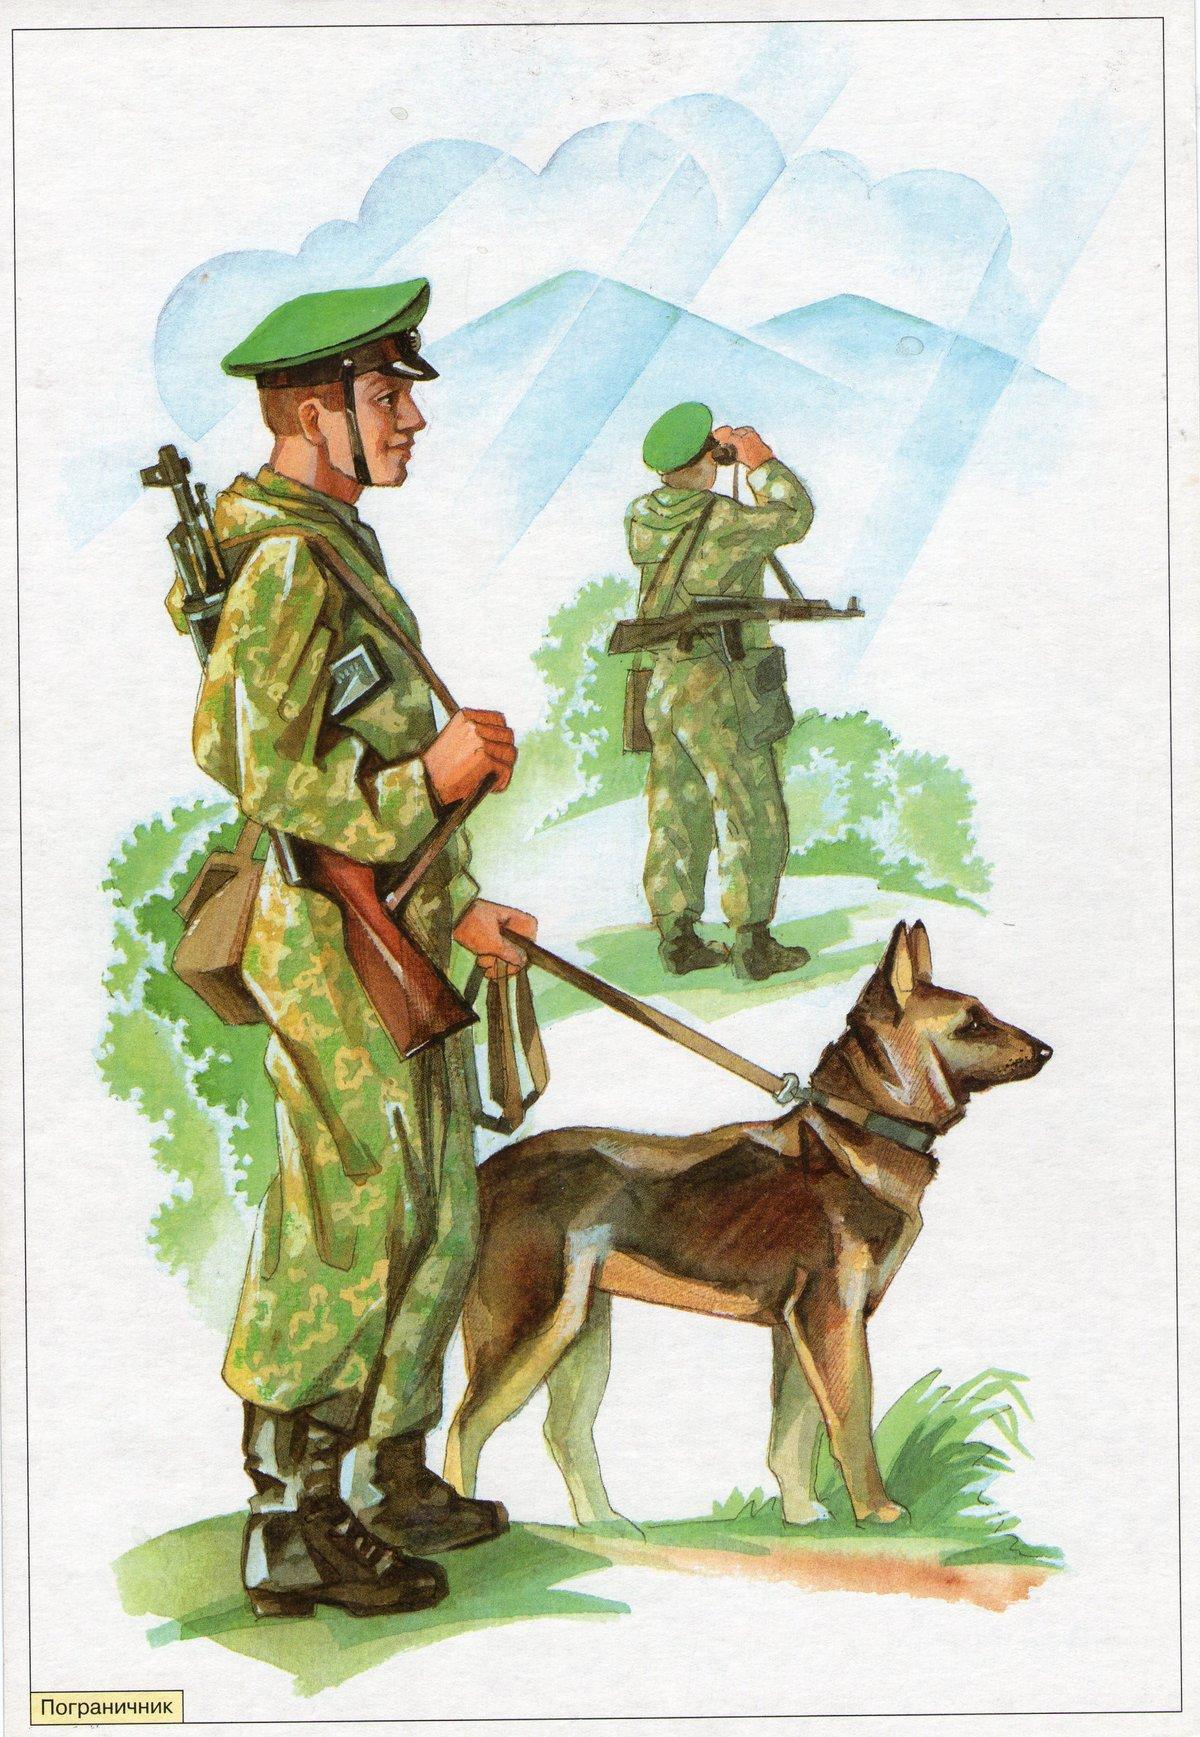 Картинки на тему день защитника отечества для детского сада, мужчине днем